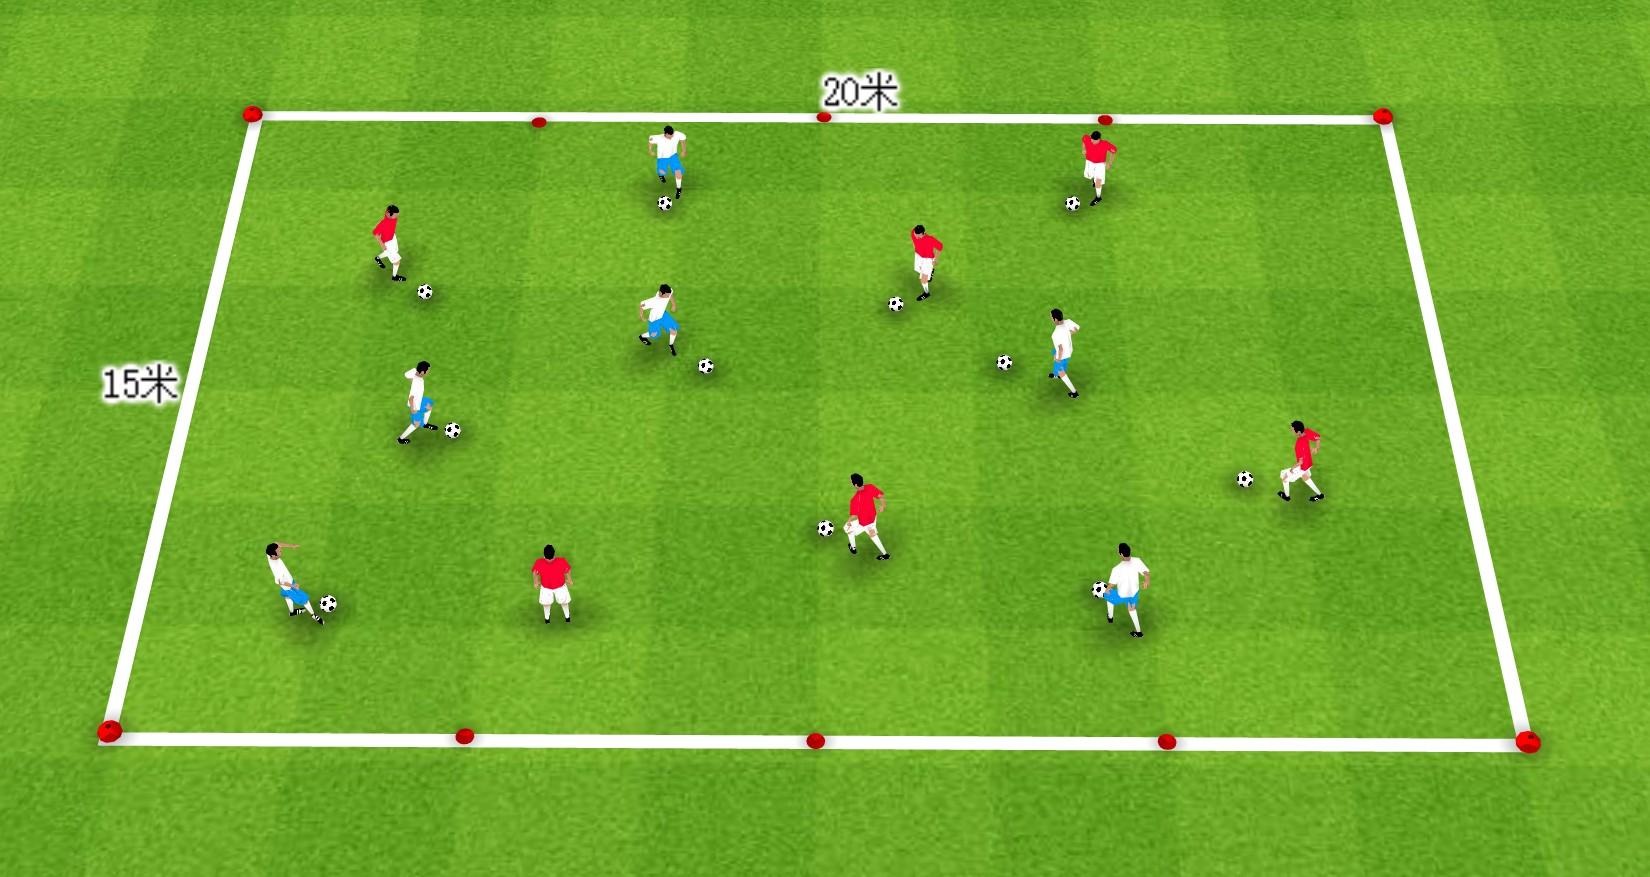 足球教案 | 通过3个小游戏提高球员的控球能力